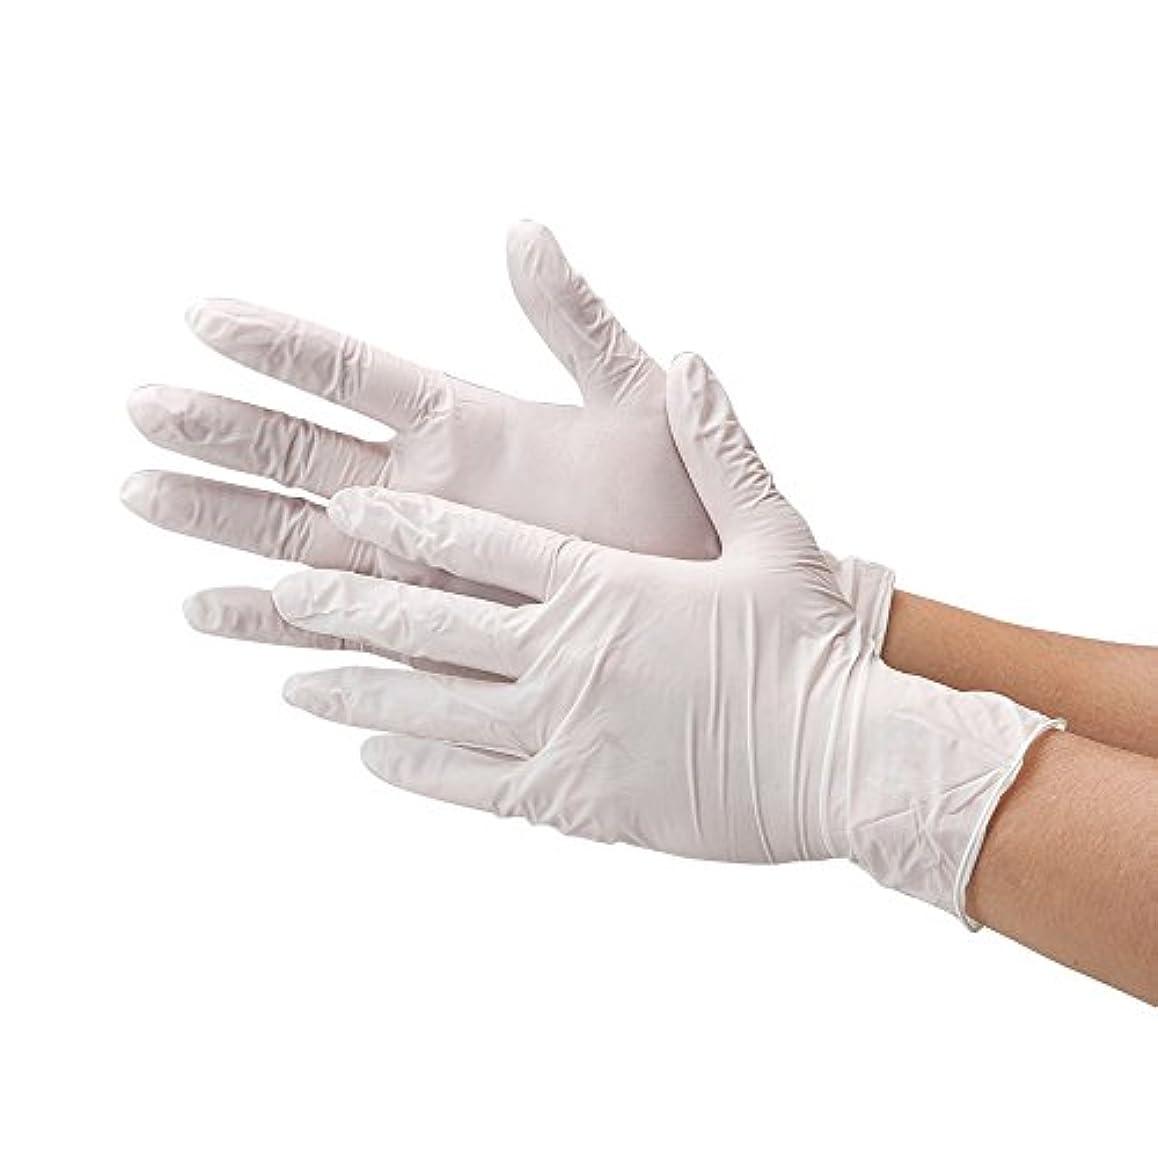 ヶ月目触覚ブリード使い捨て手袋 まるで素手の様な感覚で作業ができる 極薄 ゴム手袋 100枚入り 白 ホワイト 粉あり (サイズ:M) 左右兼用 食品衛生法適合品